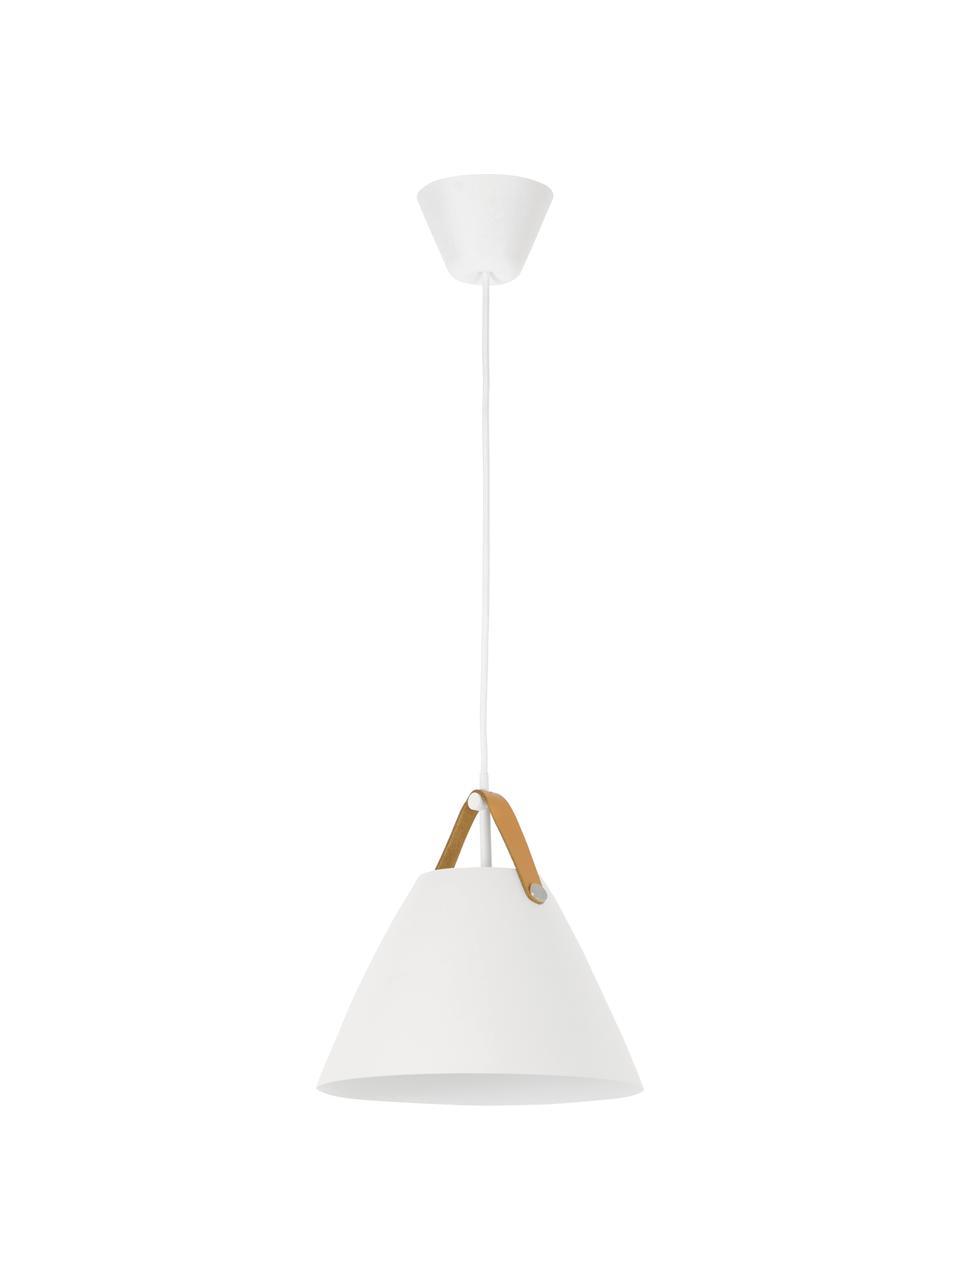 Pendelleuchte Strap mit austauschbarem Lederband, Lampenschirm: Metall, pulverbeschichtet, Baldachin: Kunststoff, Weiß, Ø 36 x H 35 cm